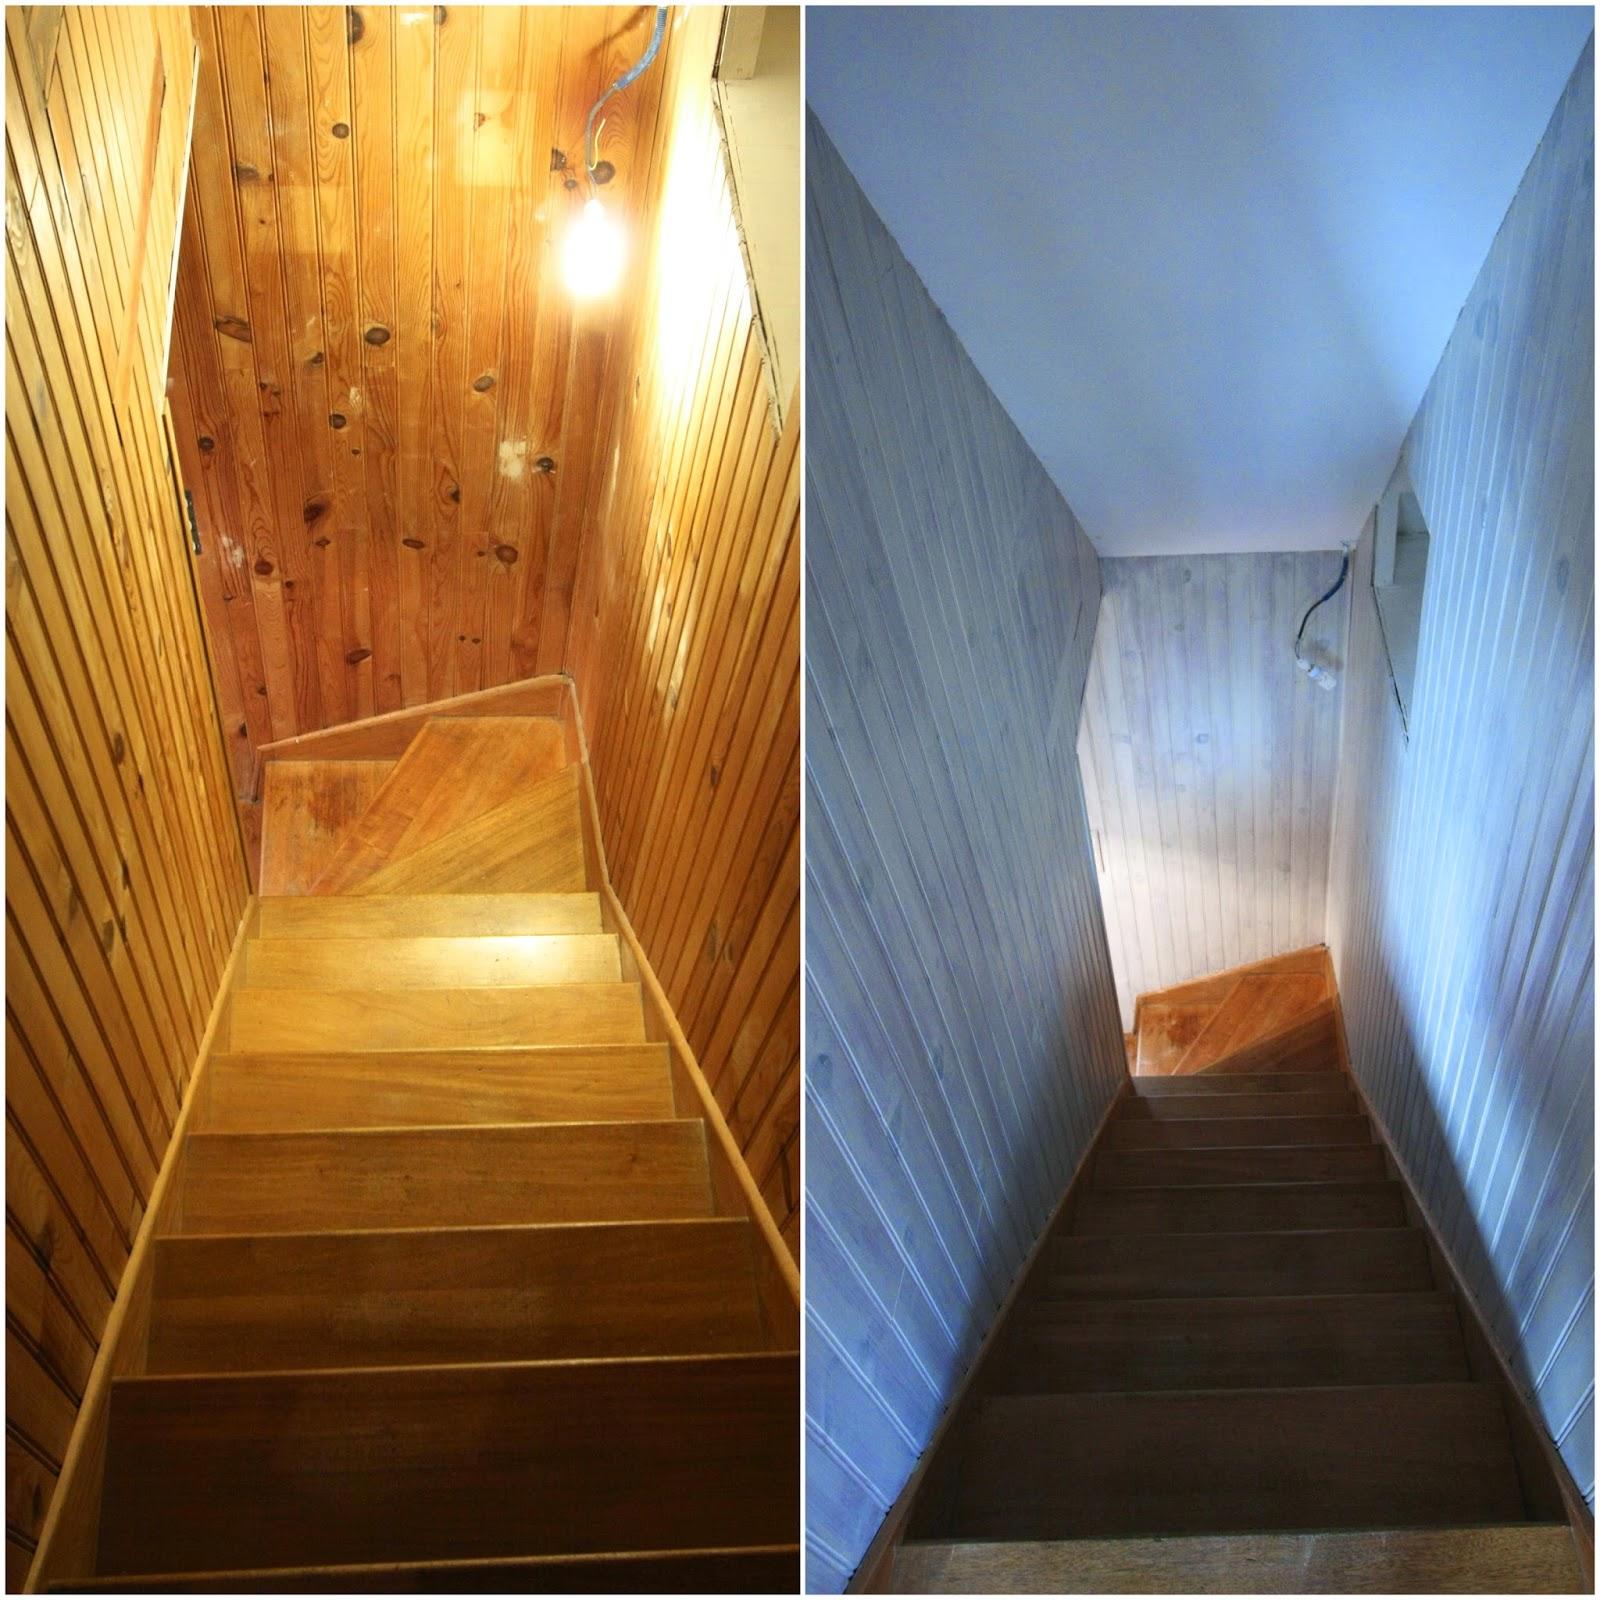 un nouveau regard avant apr s d 39 une entr e en lambris. Black Bedroom Furniture Sets. Home Design Ideas